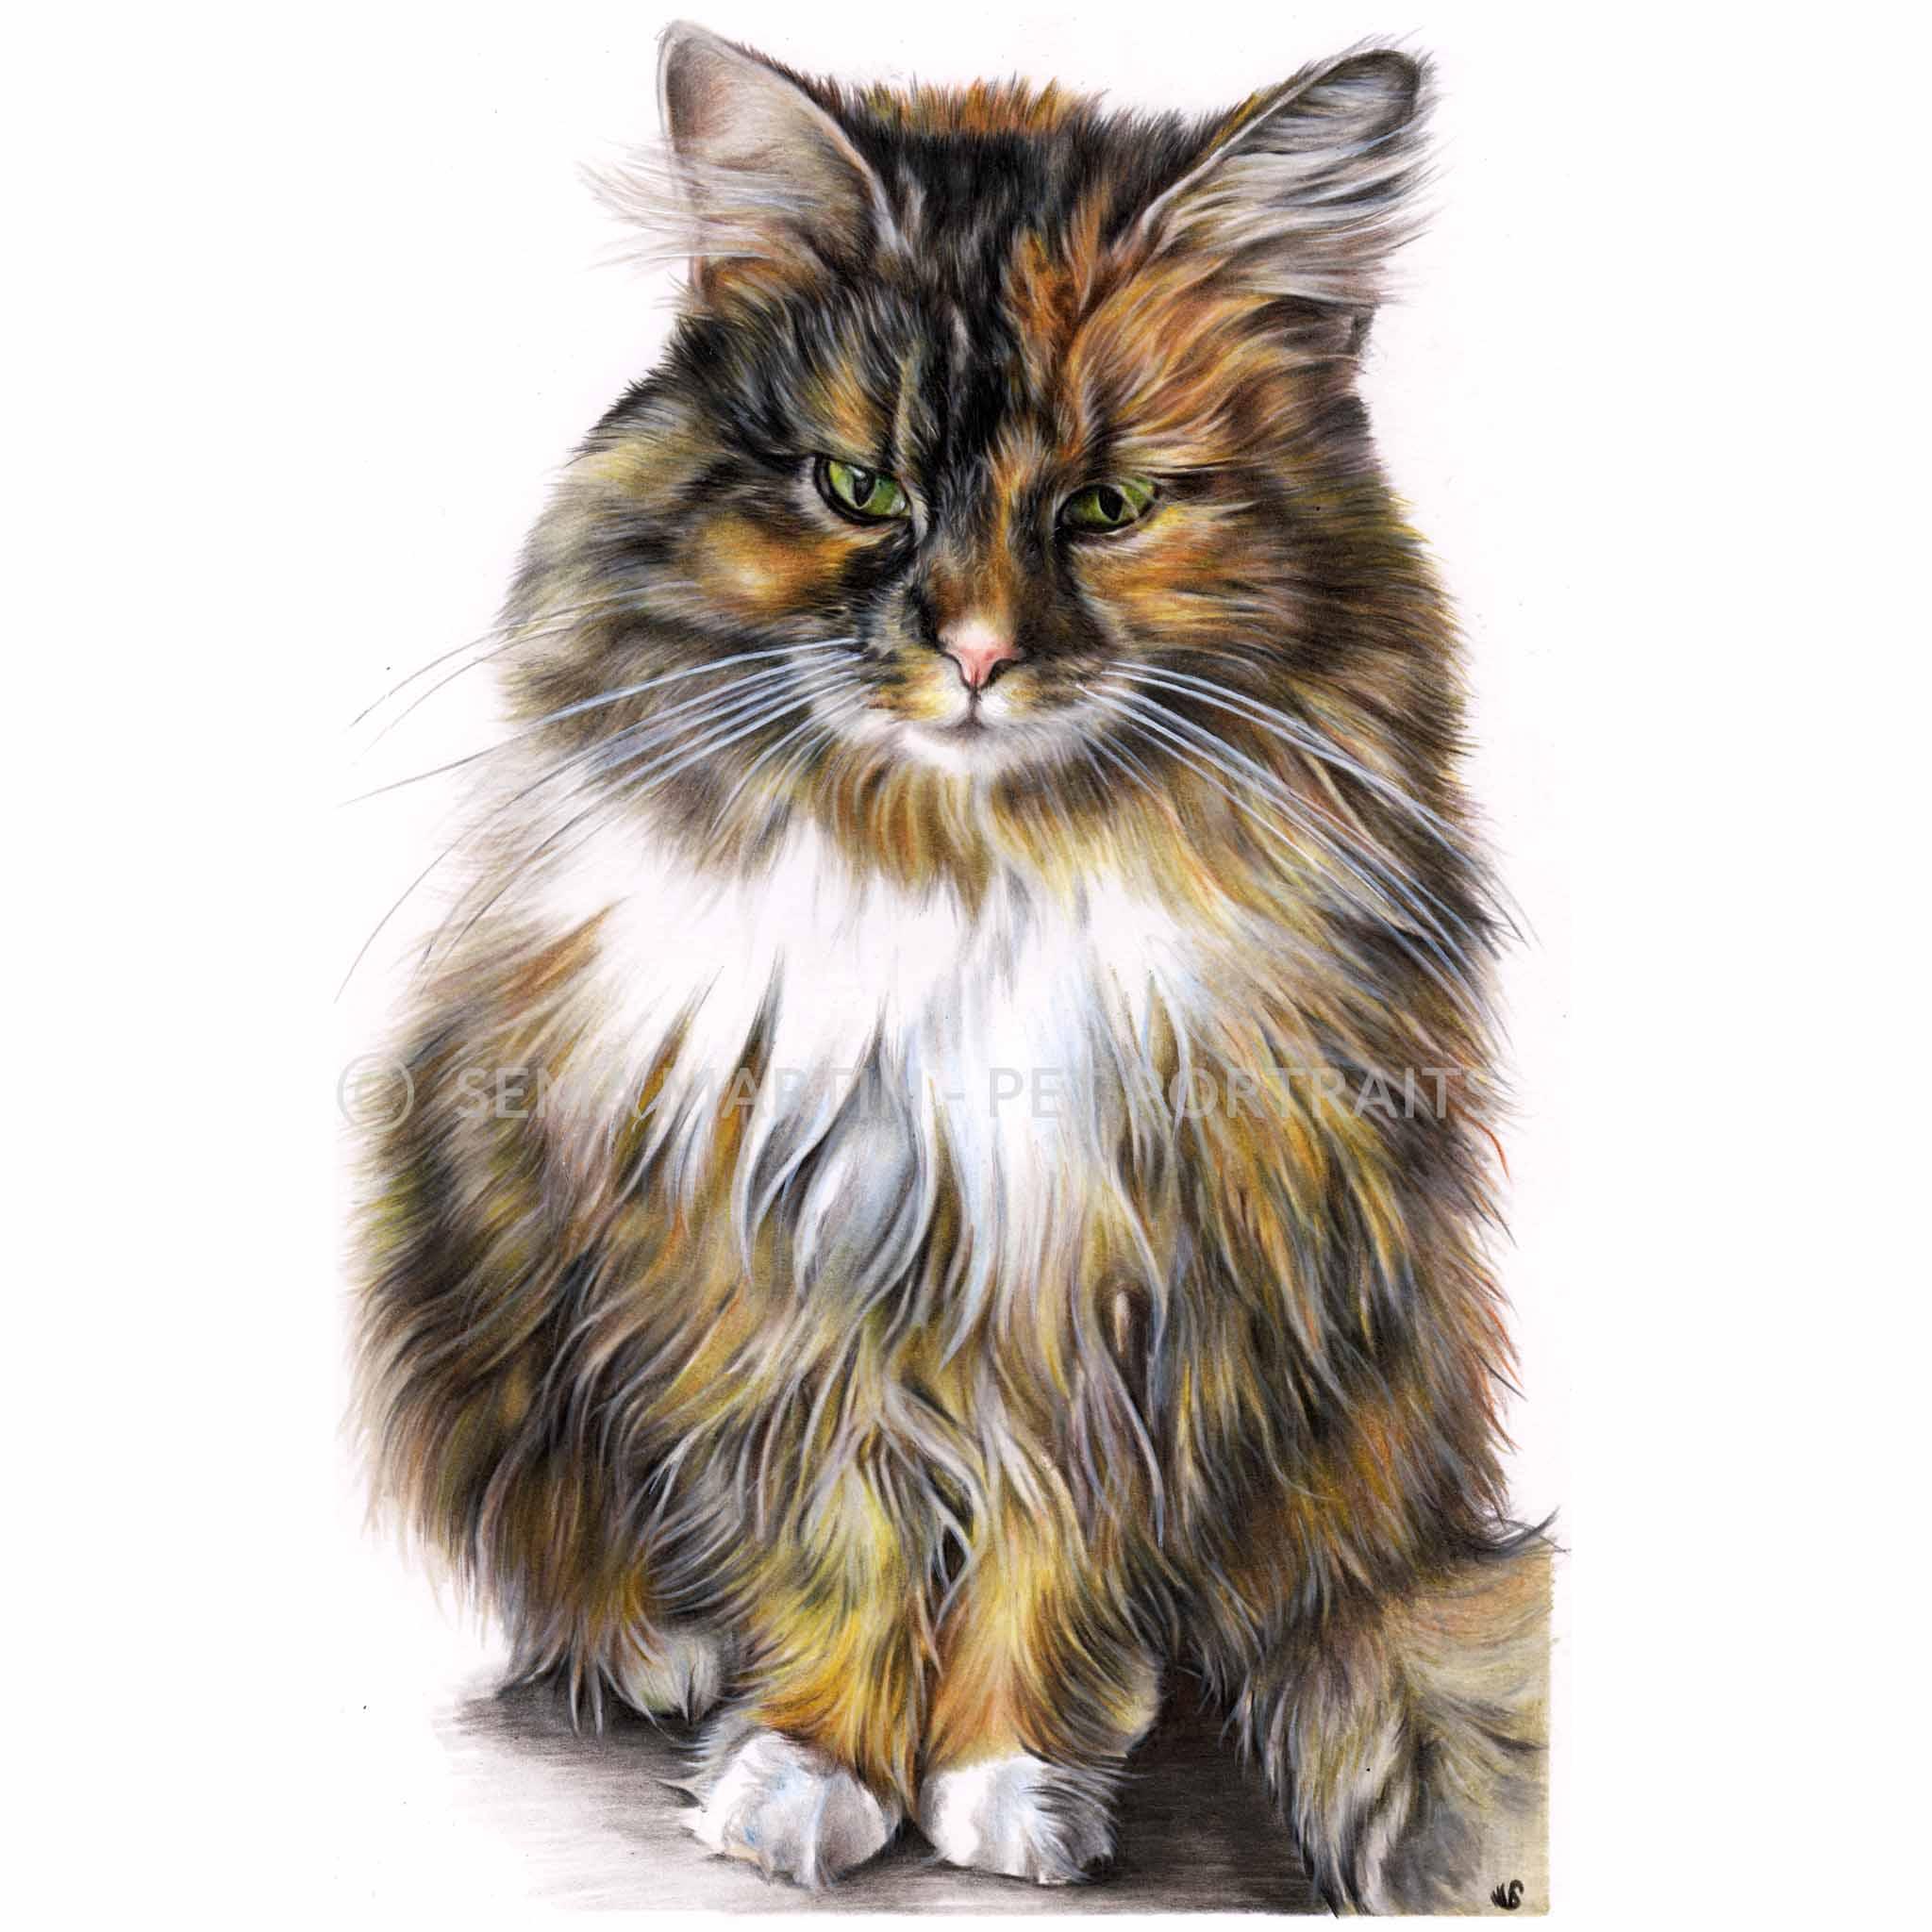 'Chanel' - UK, 8.3 x 11.7 inches, 2018, Colour Pencil Cat Portrait by Sema Martin